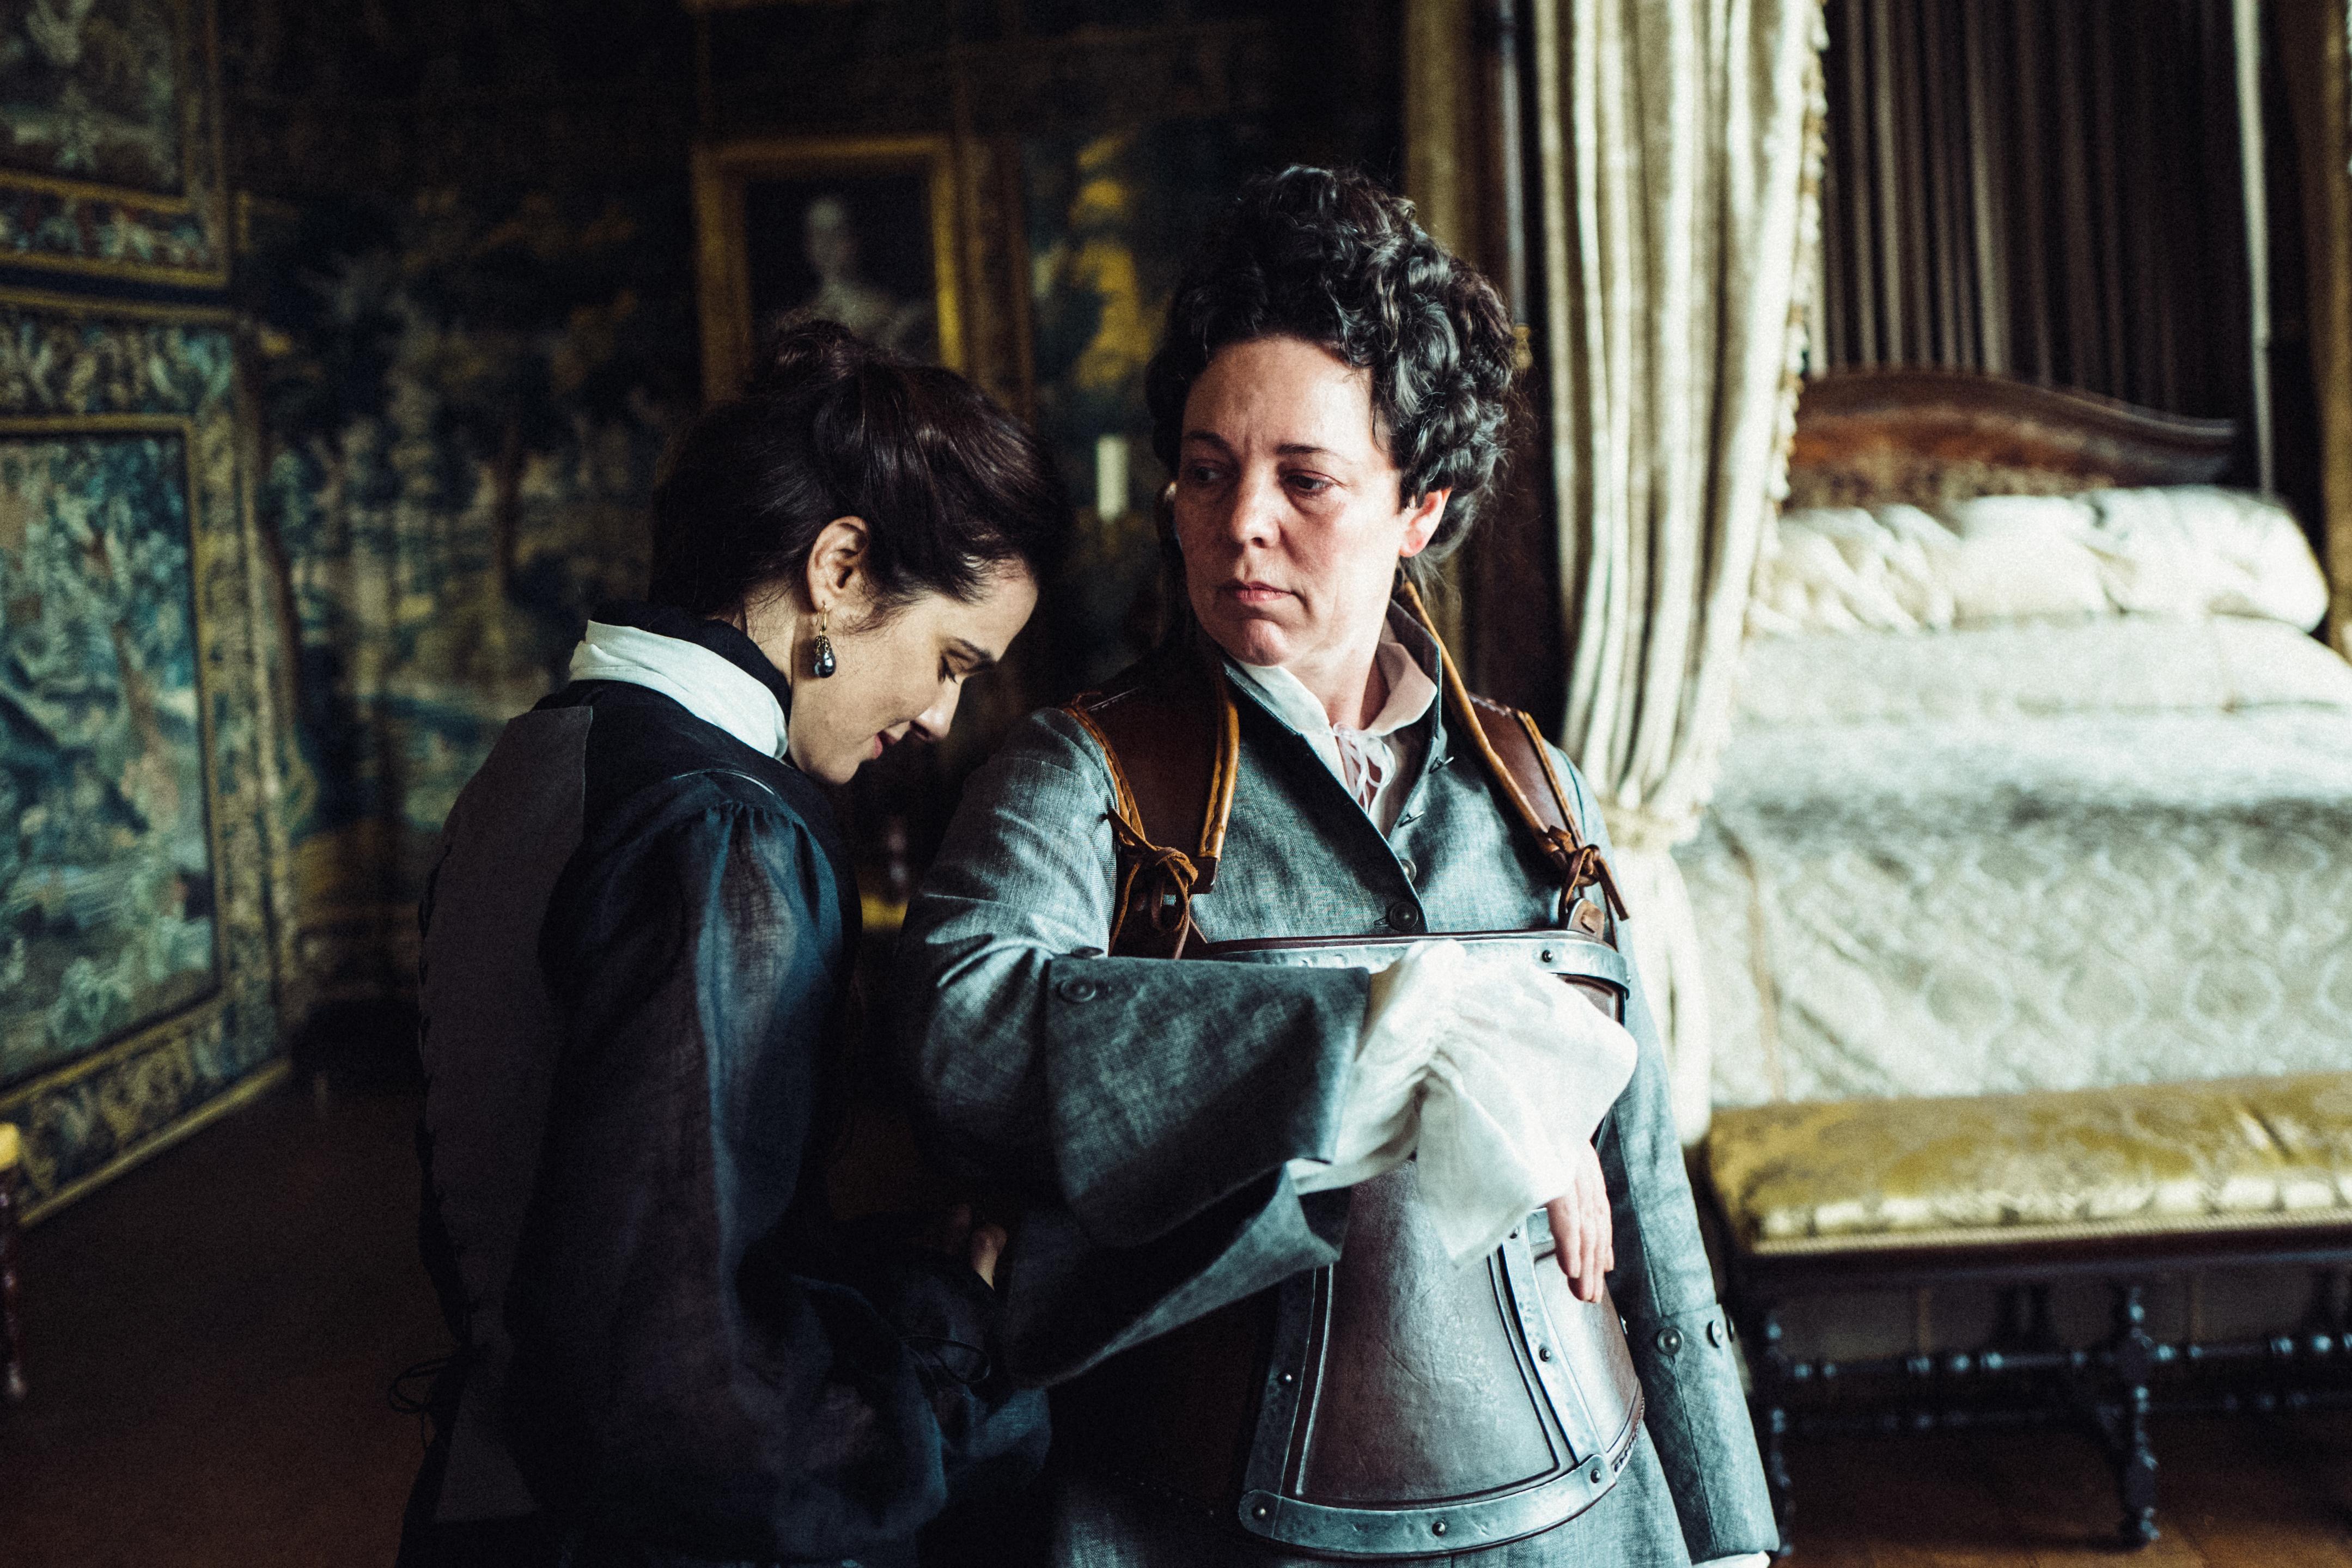 Premios Óscar 2019 ¿reconocimiento al buen cine, o farsa?